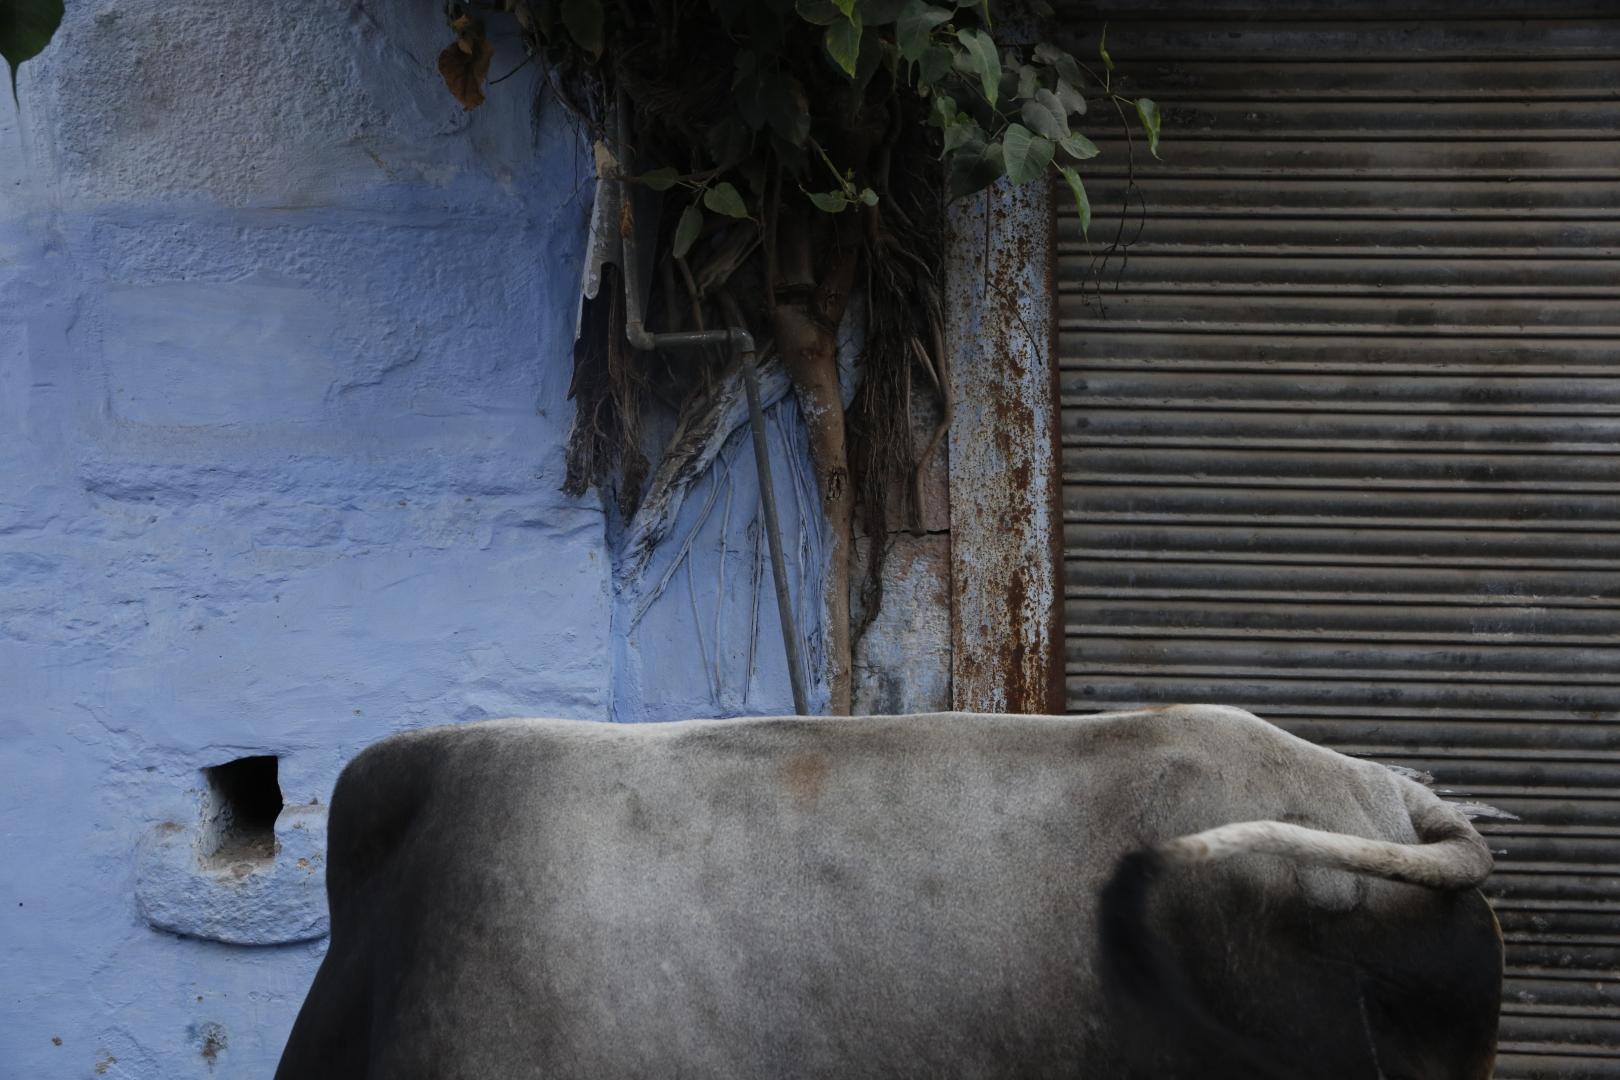 Животные пасутся прямо на улице в Джодхпуре, иногда создавая непреодолимую преграду на узкой улице. Попробуйте сдвинуть быка с места